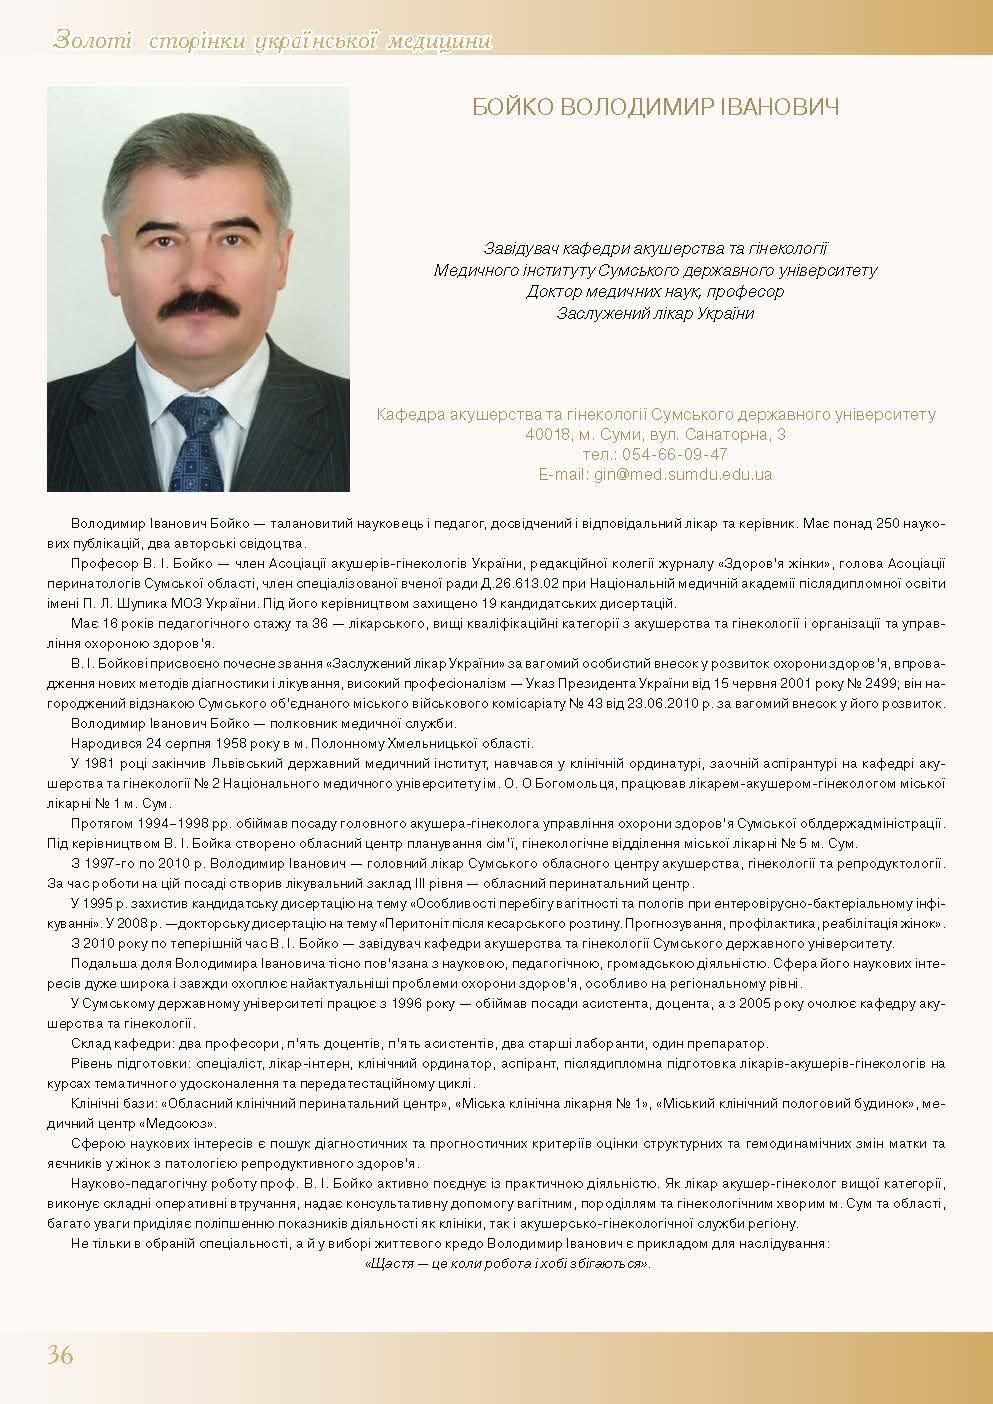 Бойко Володимир Іванович